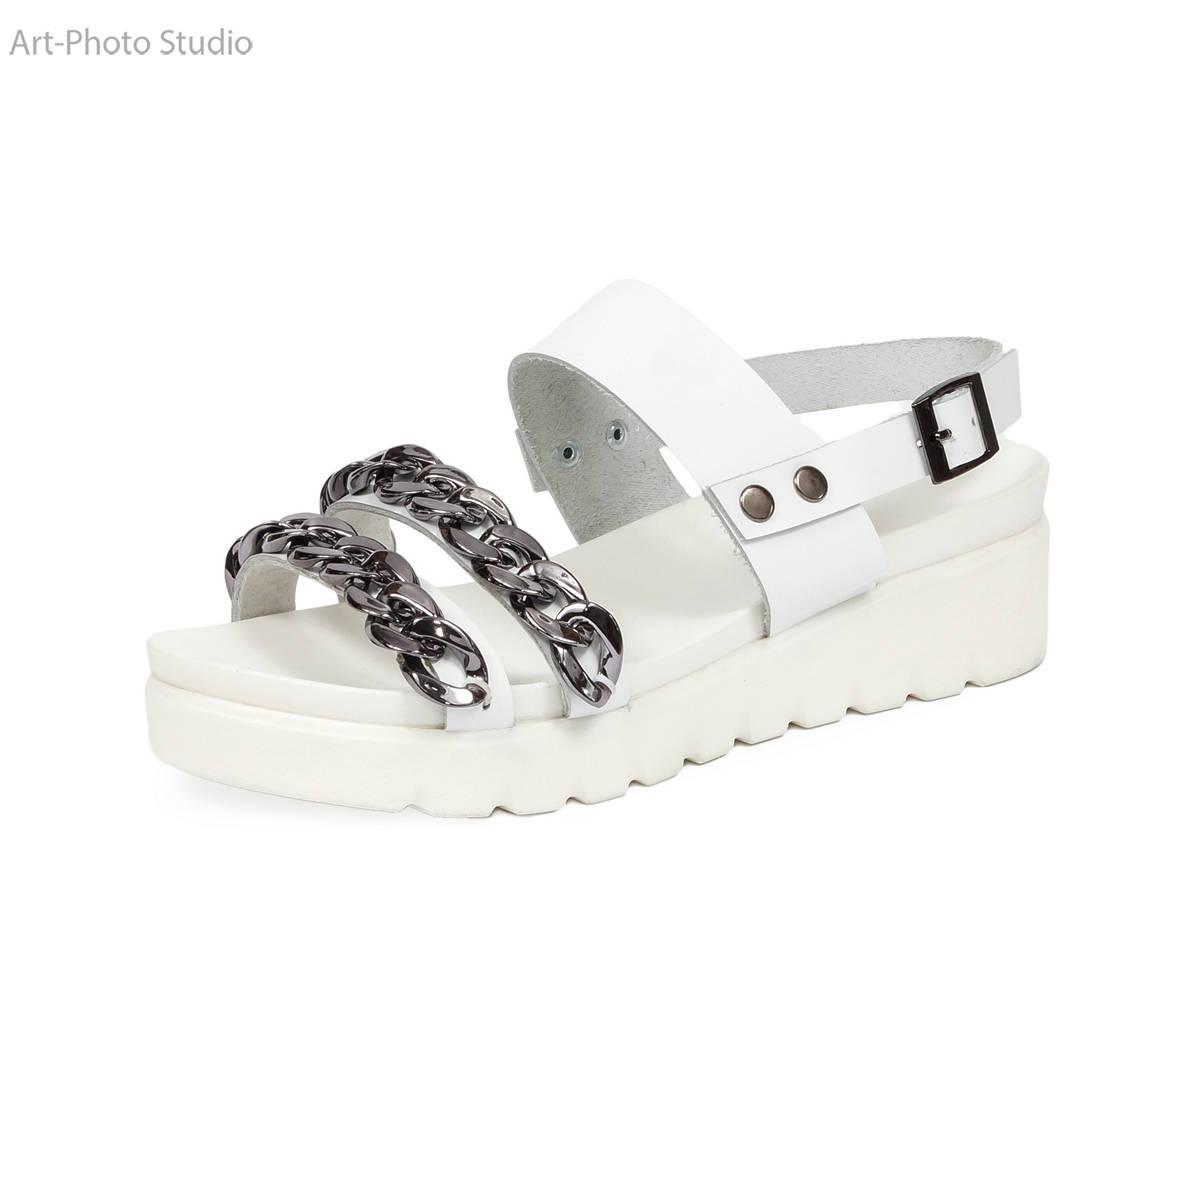 предметная фотосъемка для каталогов обуви